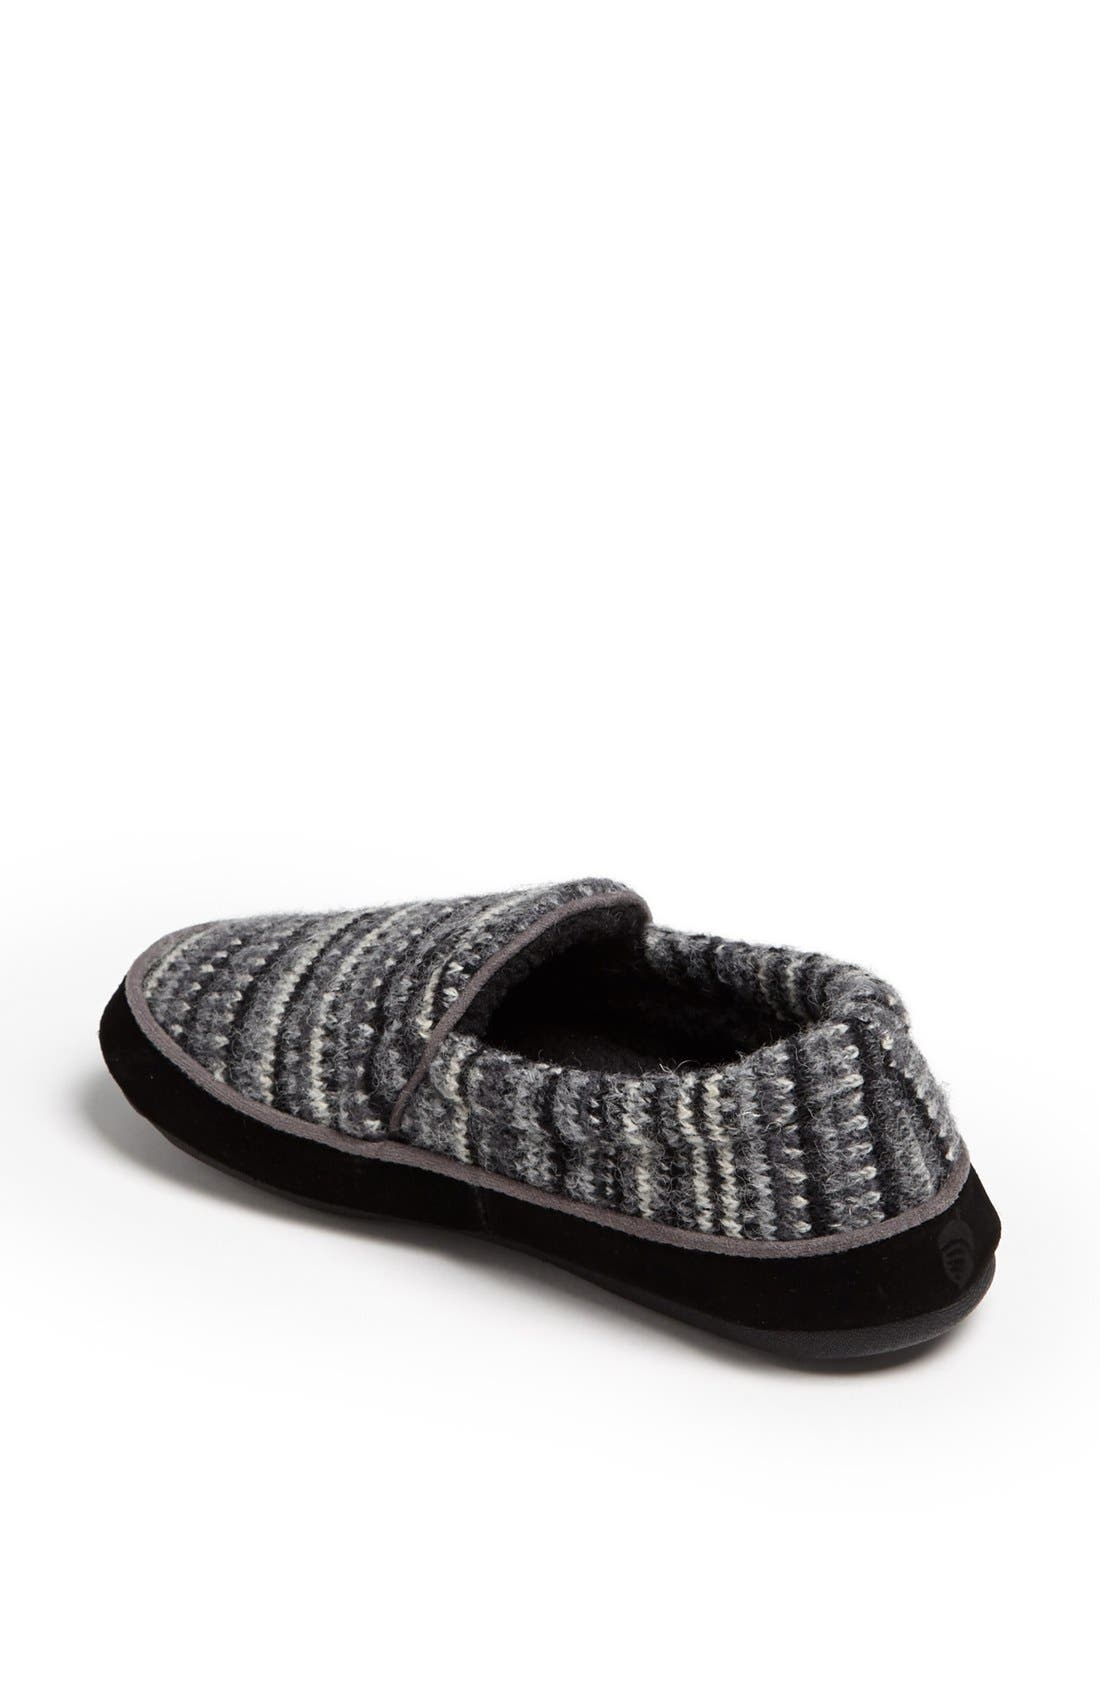 Alternate Image 2  - Acorn 'Giona' Slipper